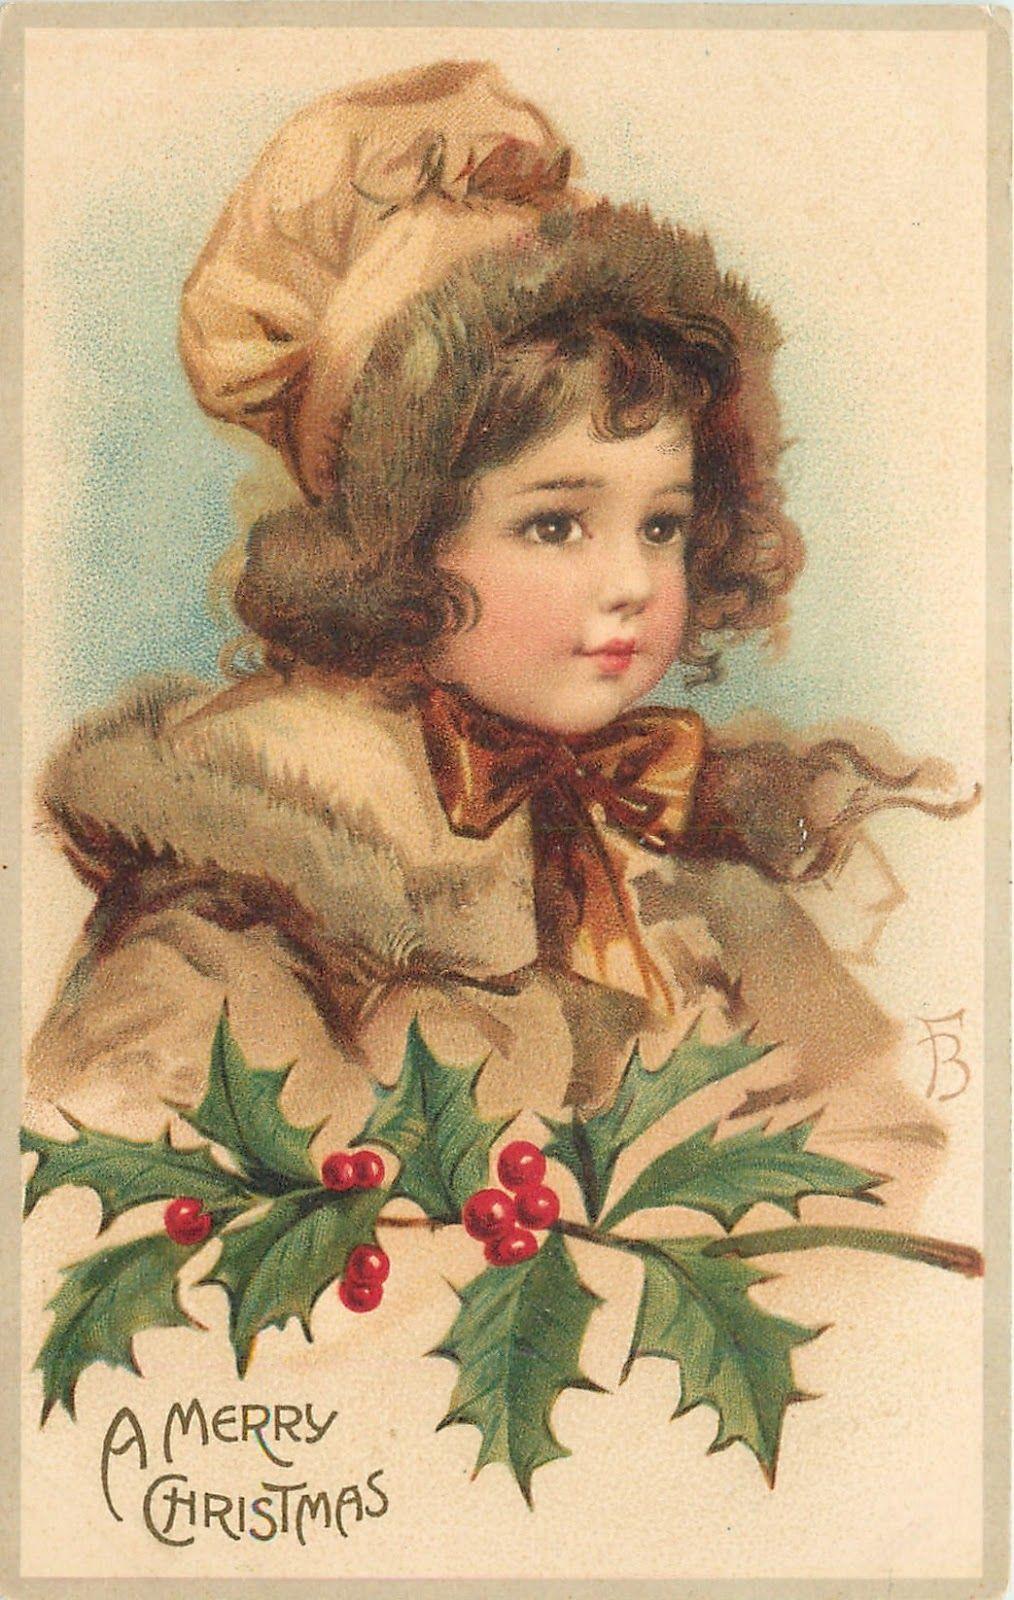 Зимние ретро открытки с днем рождения, для поздравления новорожденным